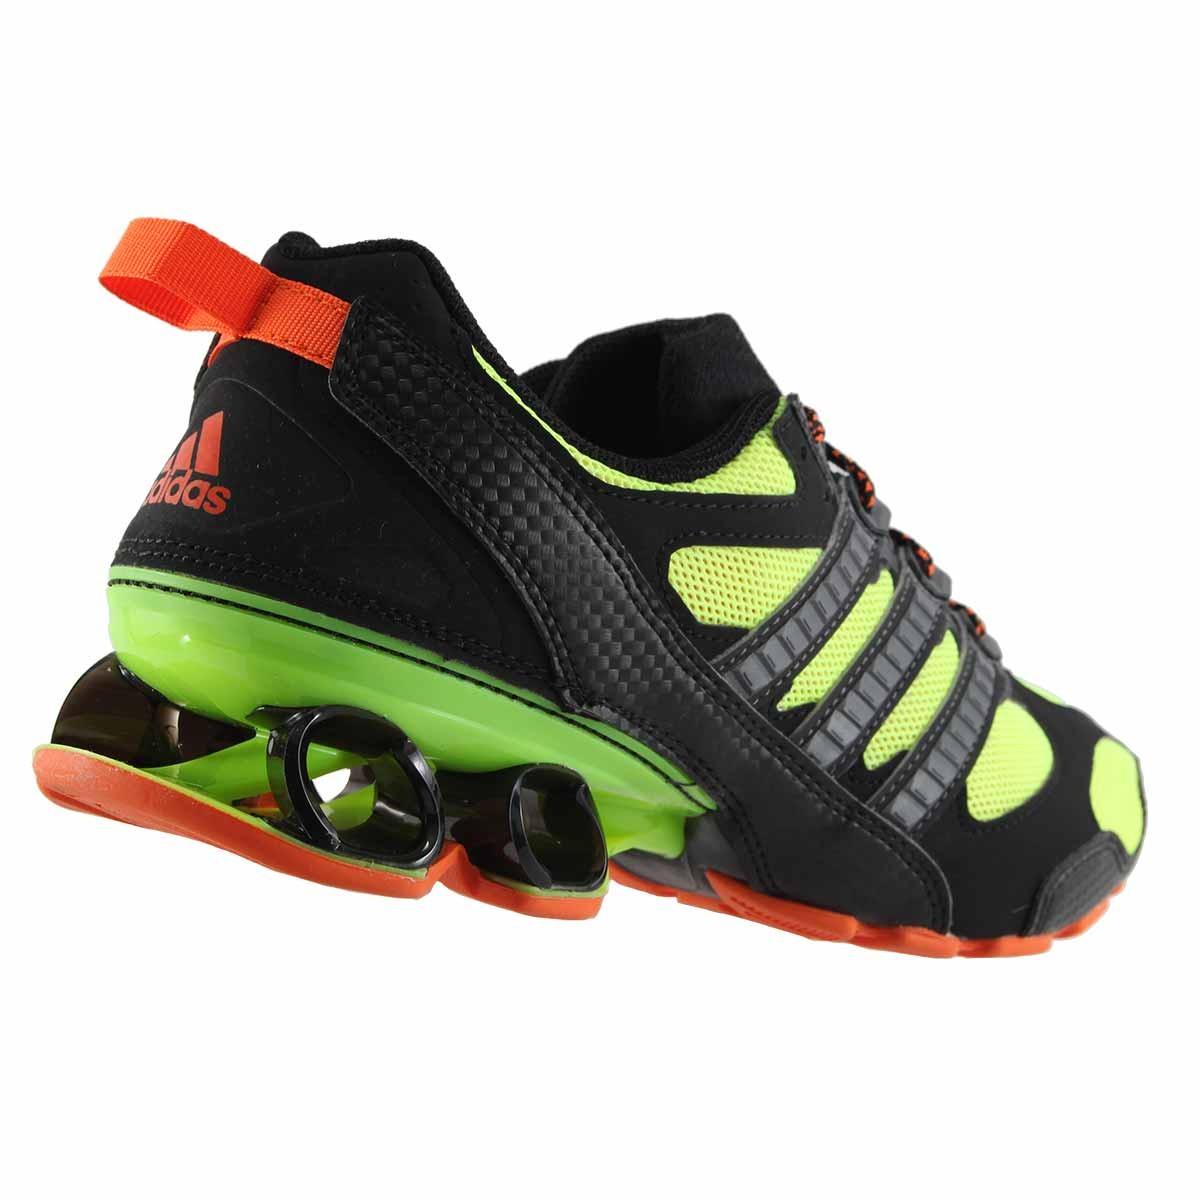 0e13fbf3fde tênis adidas cosmos b22880. Carregando zoom.